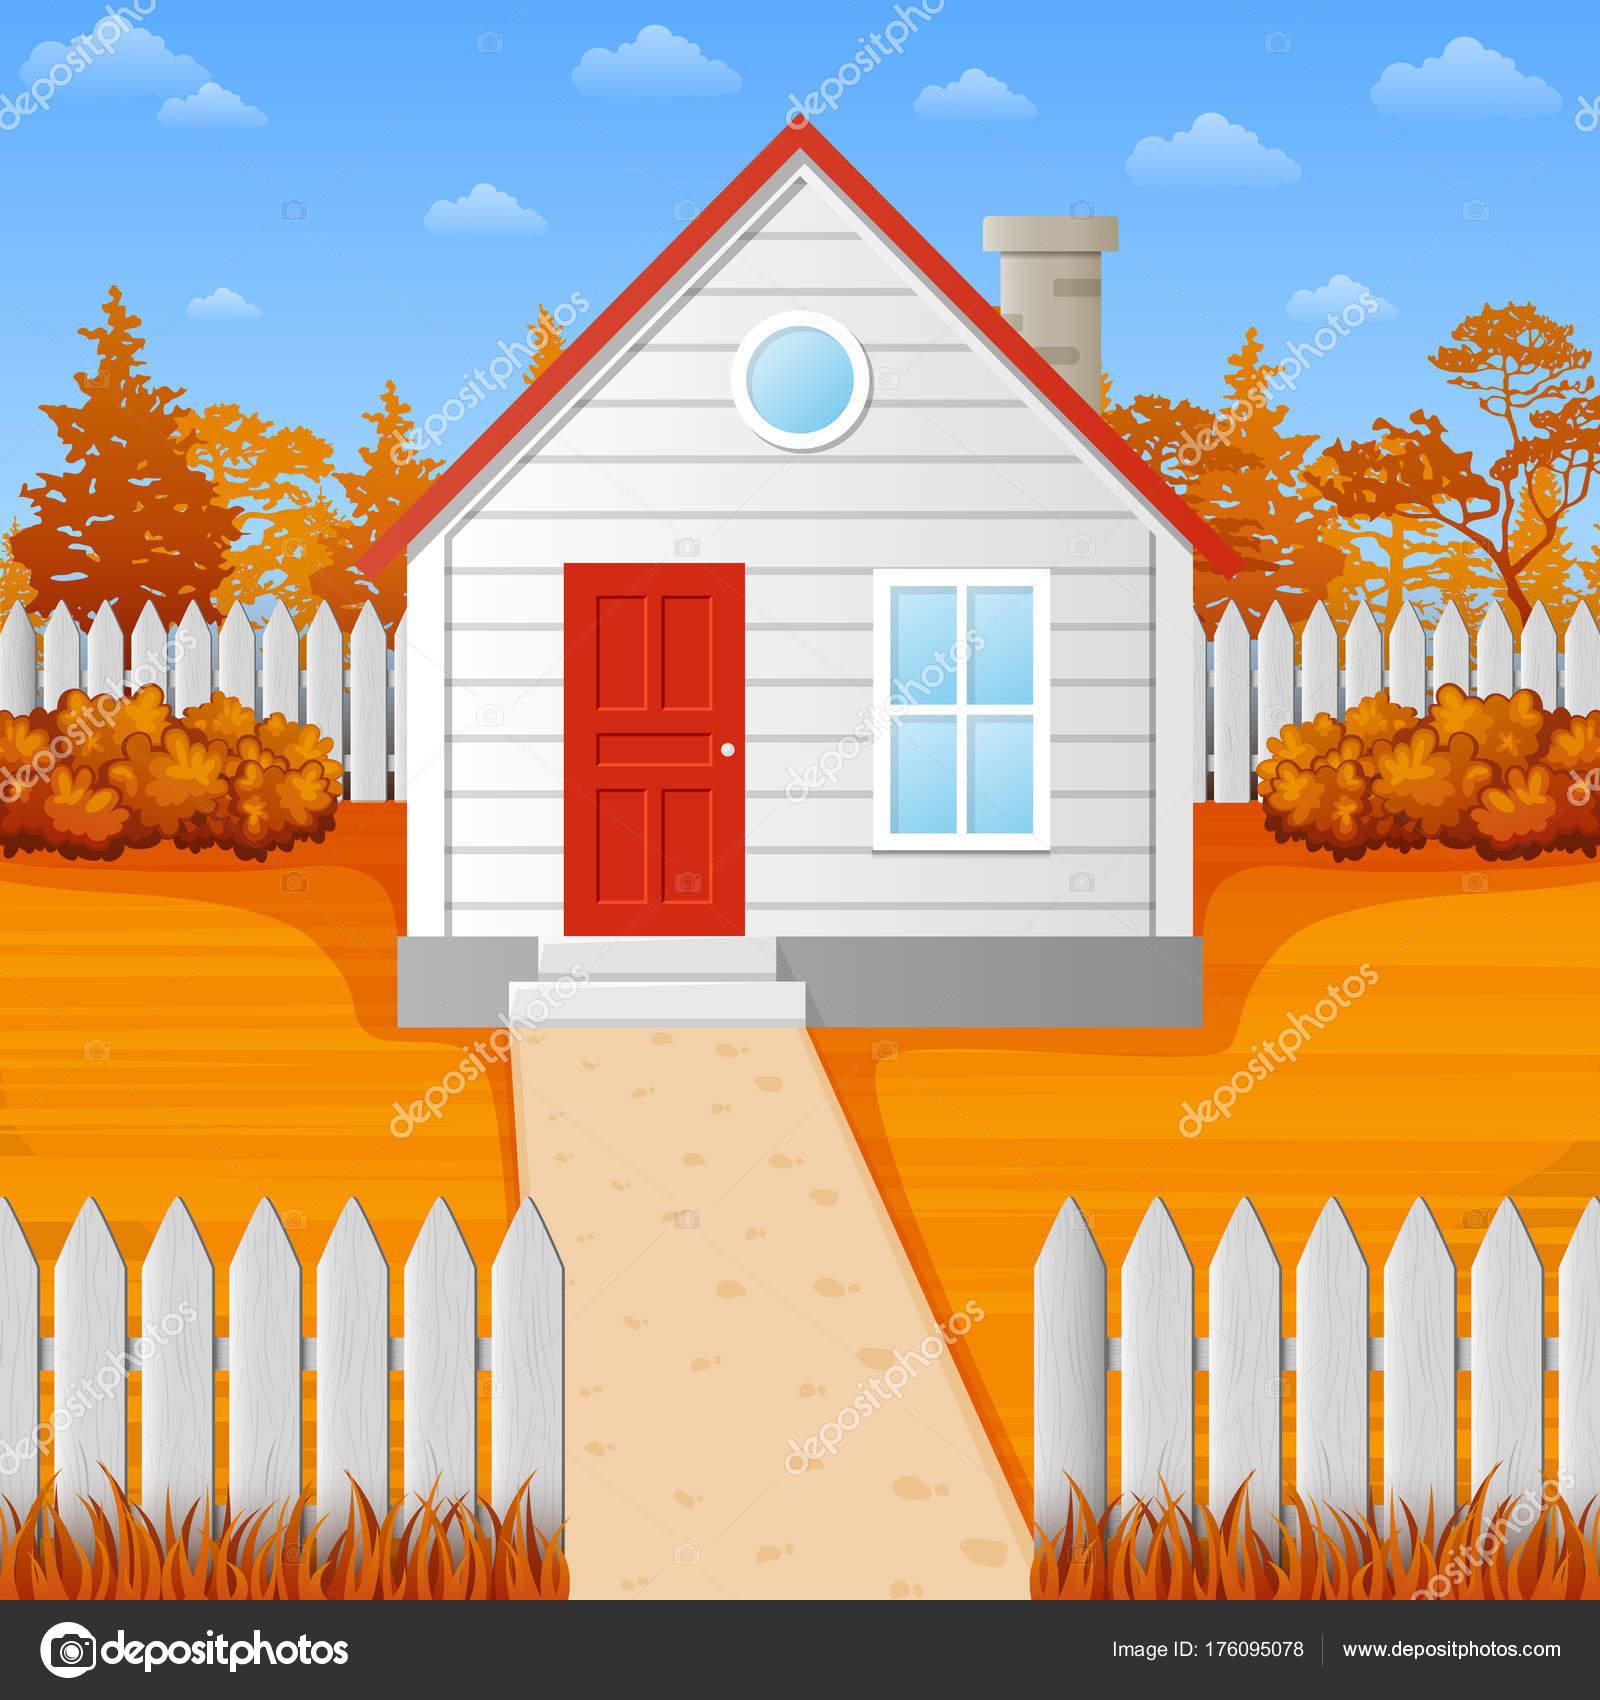 Maison bois dessin animé saison automne illustration de stock